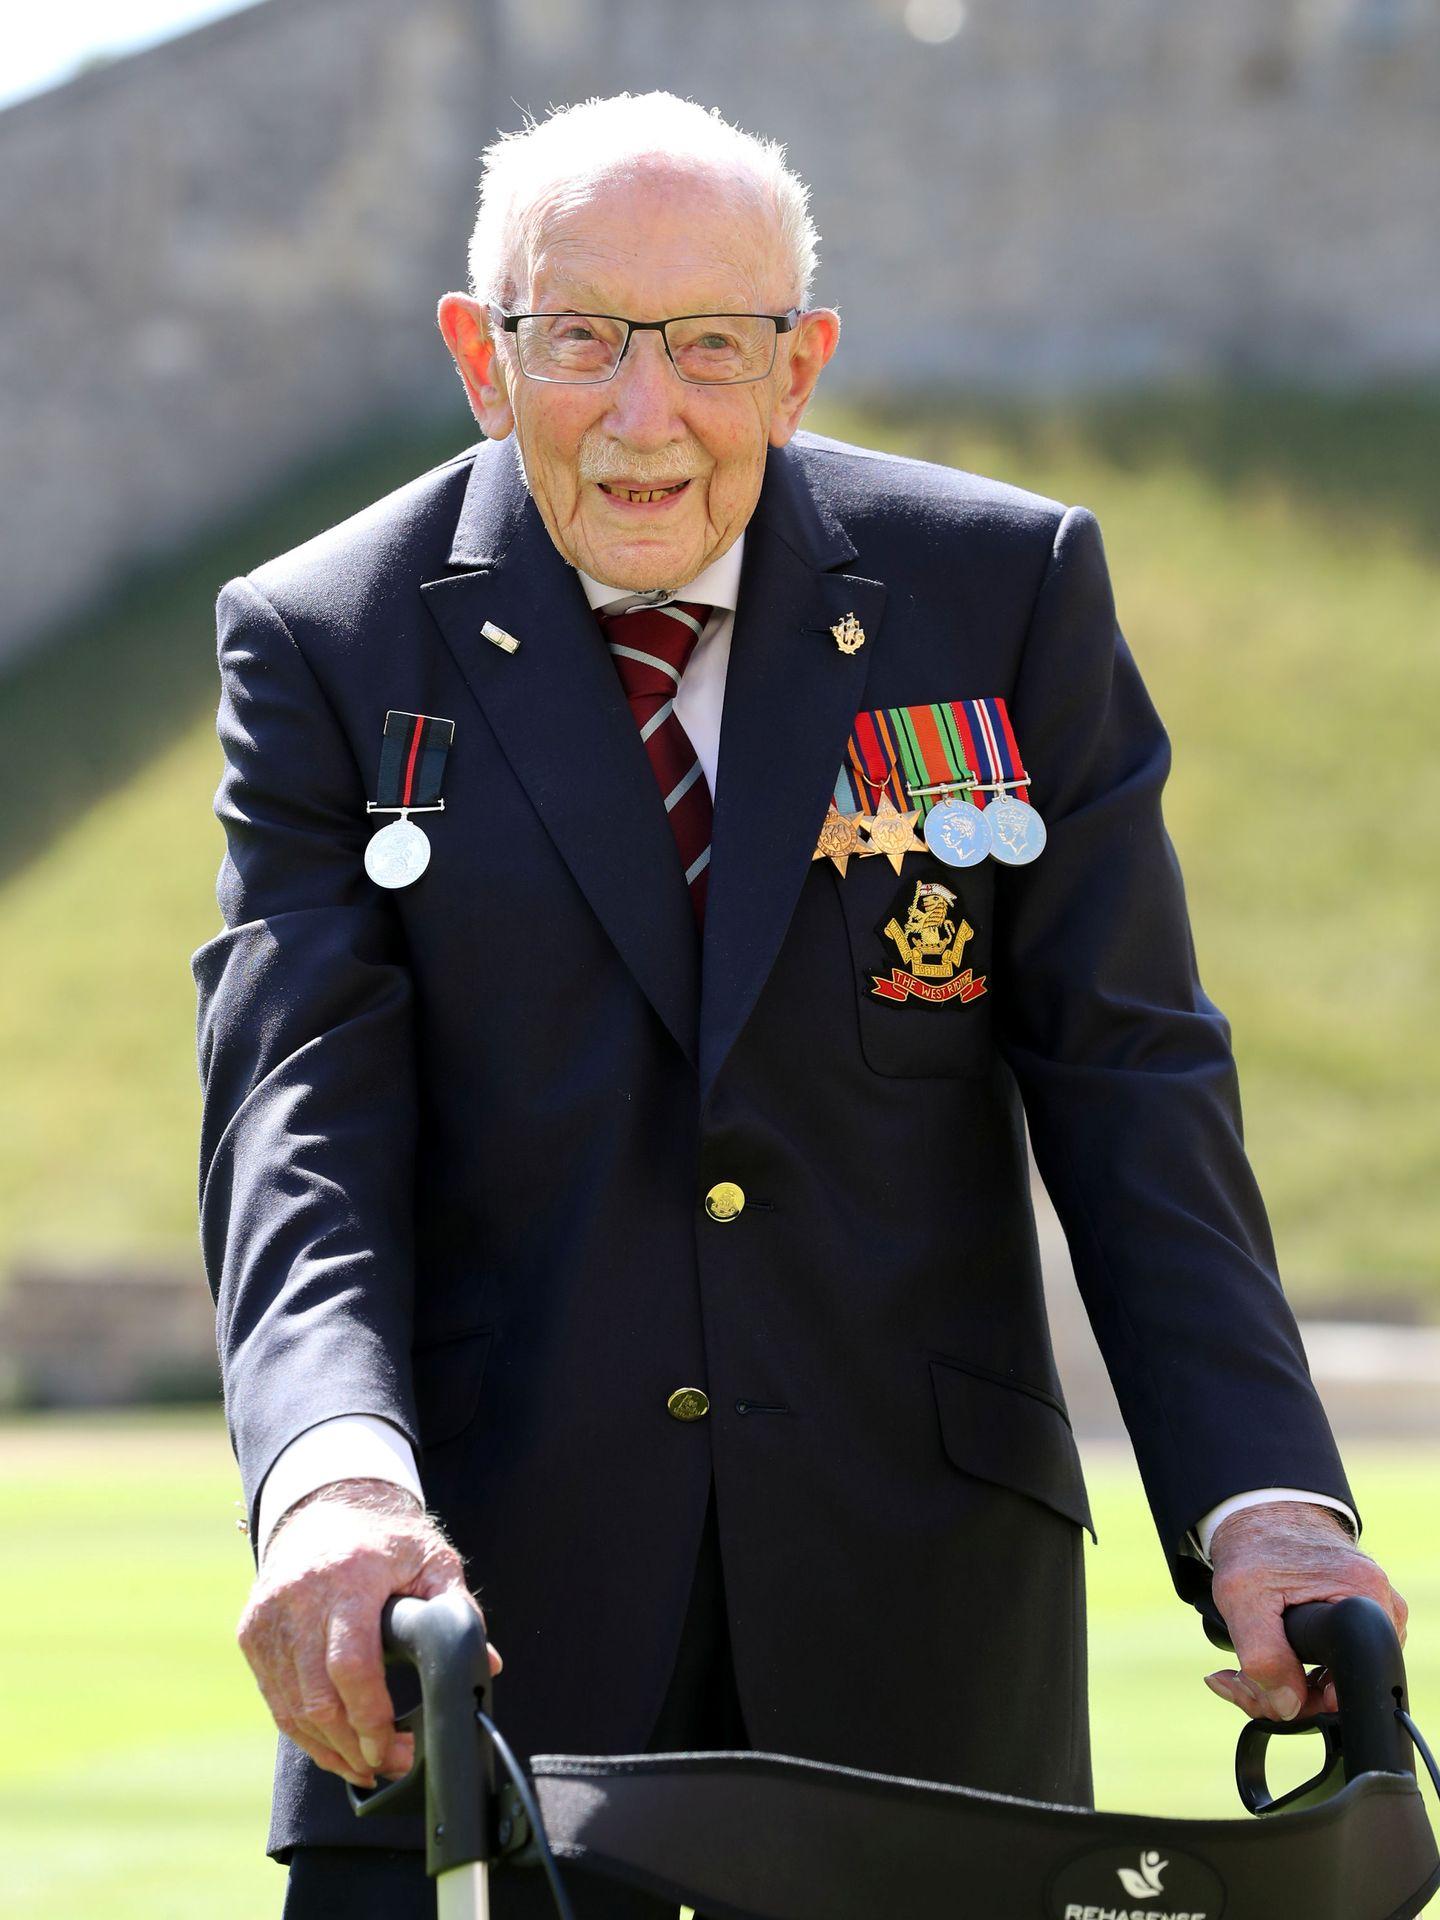 El capitán Tom Moore, en Windsor tras ser nombrado caballero. (Reuters)